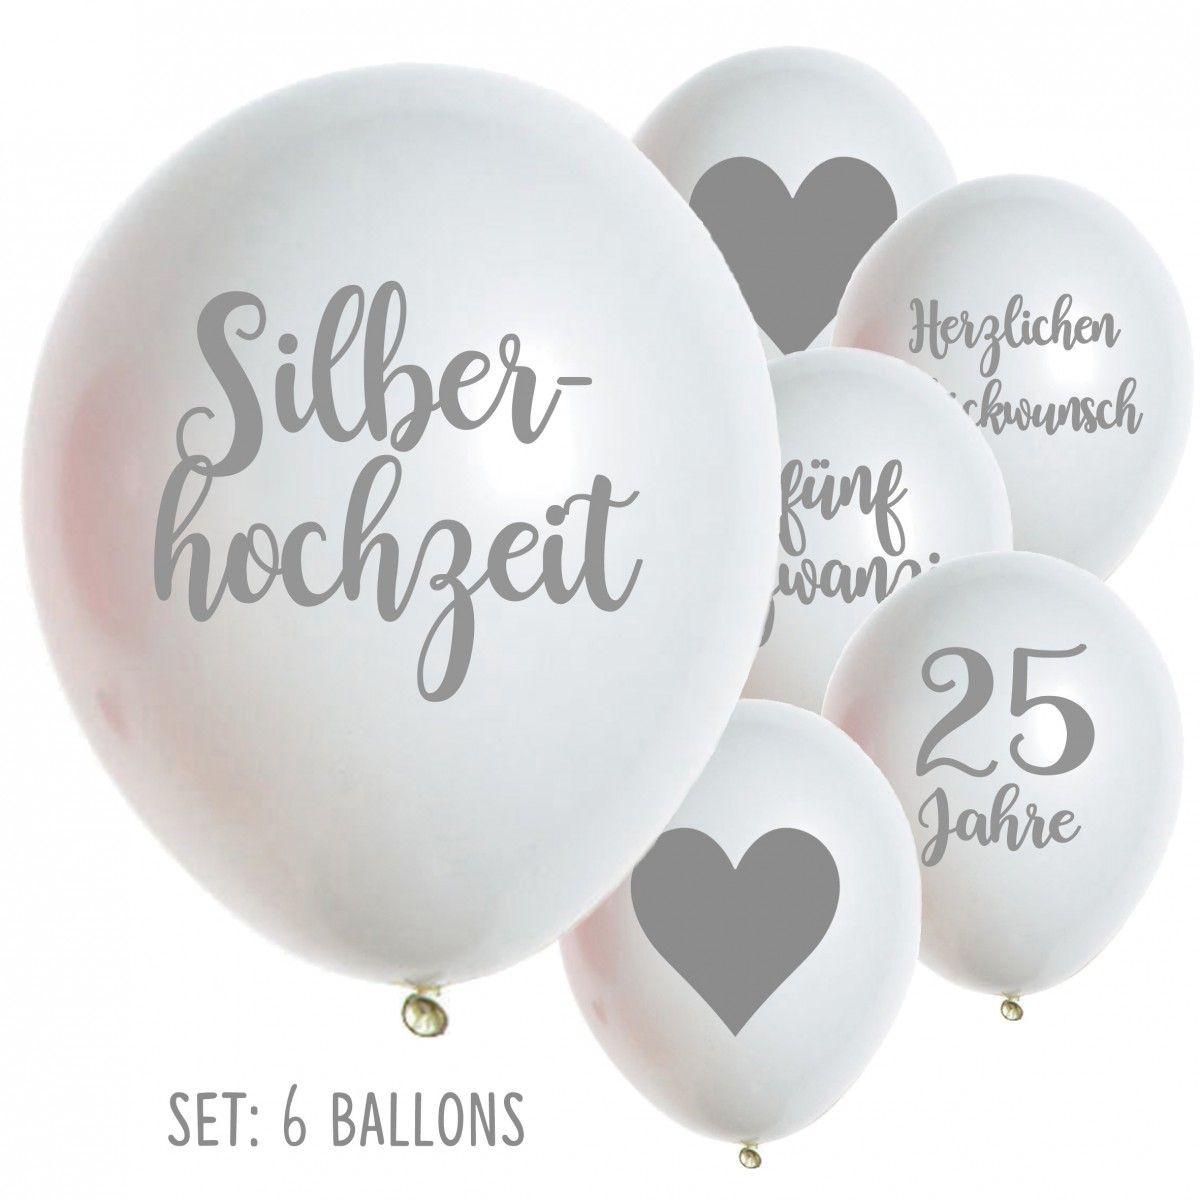 Silberne Hochzeit Sprüche  Latexballon Silberhochzeit 25 Jahre